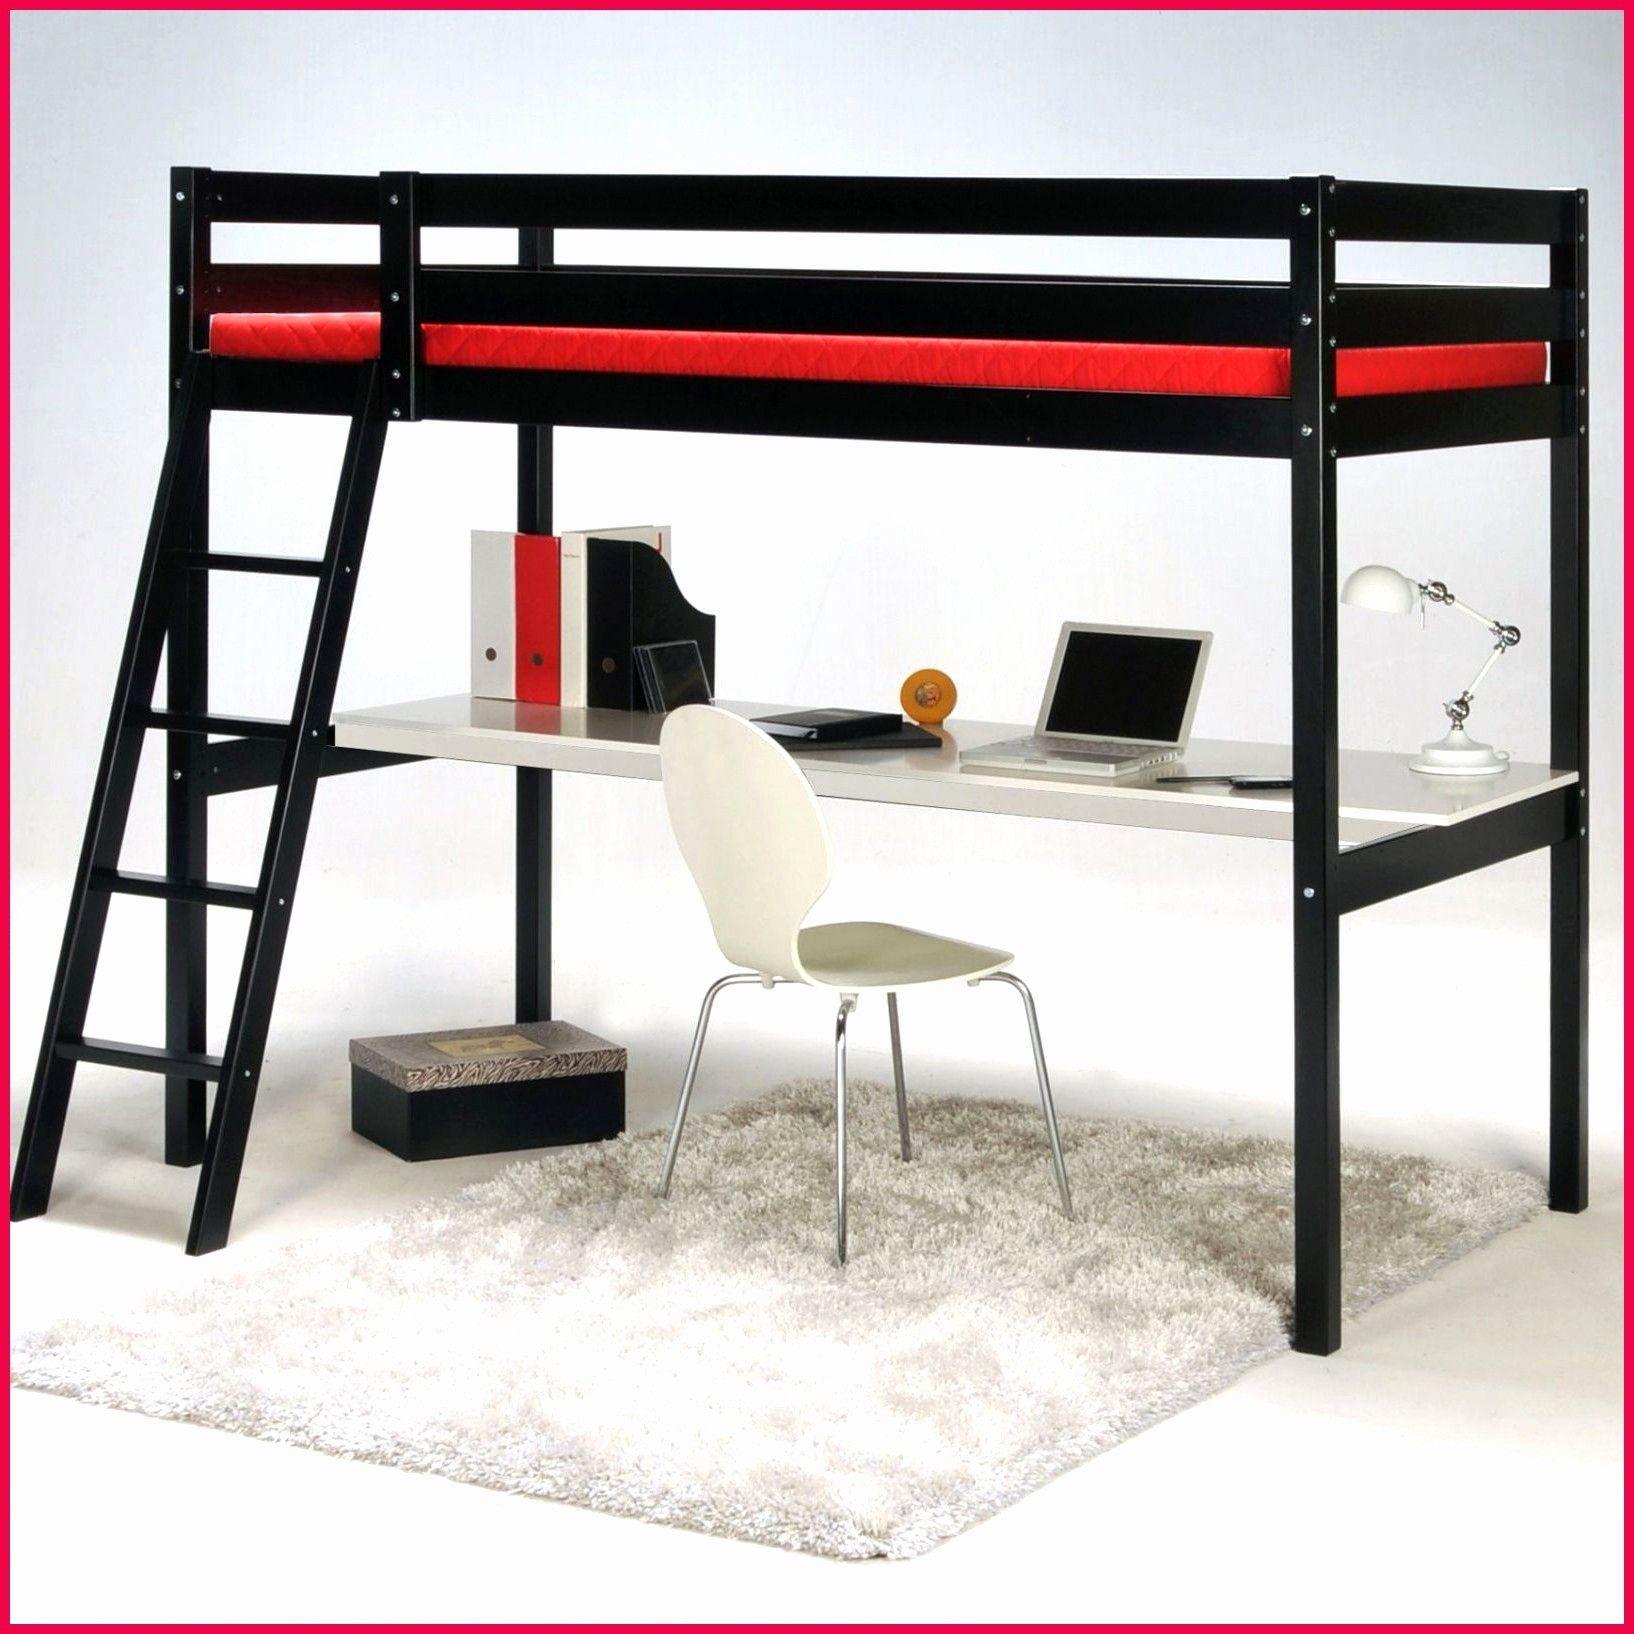 Lit Superposé Ikea 3 Places Inspirant Lit Mezzanine Bureau Armoire Lit Convertible 2 Places Ikea Canape 2